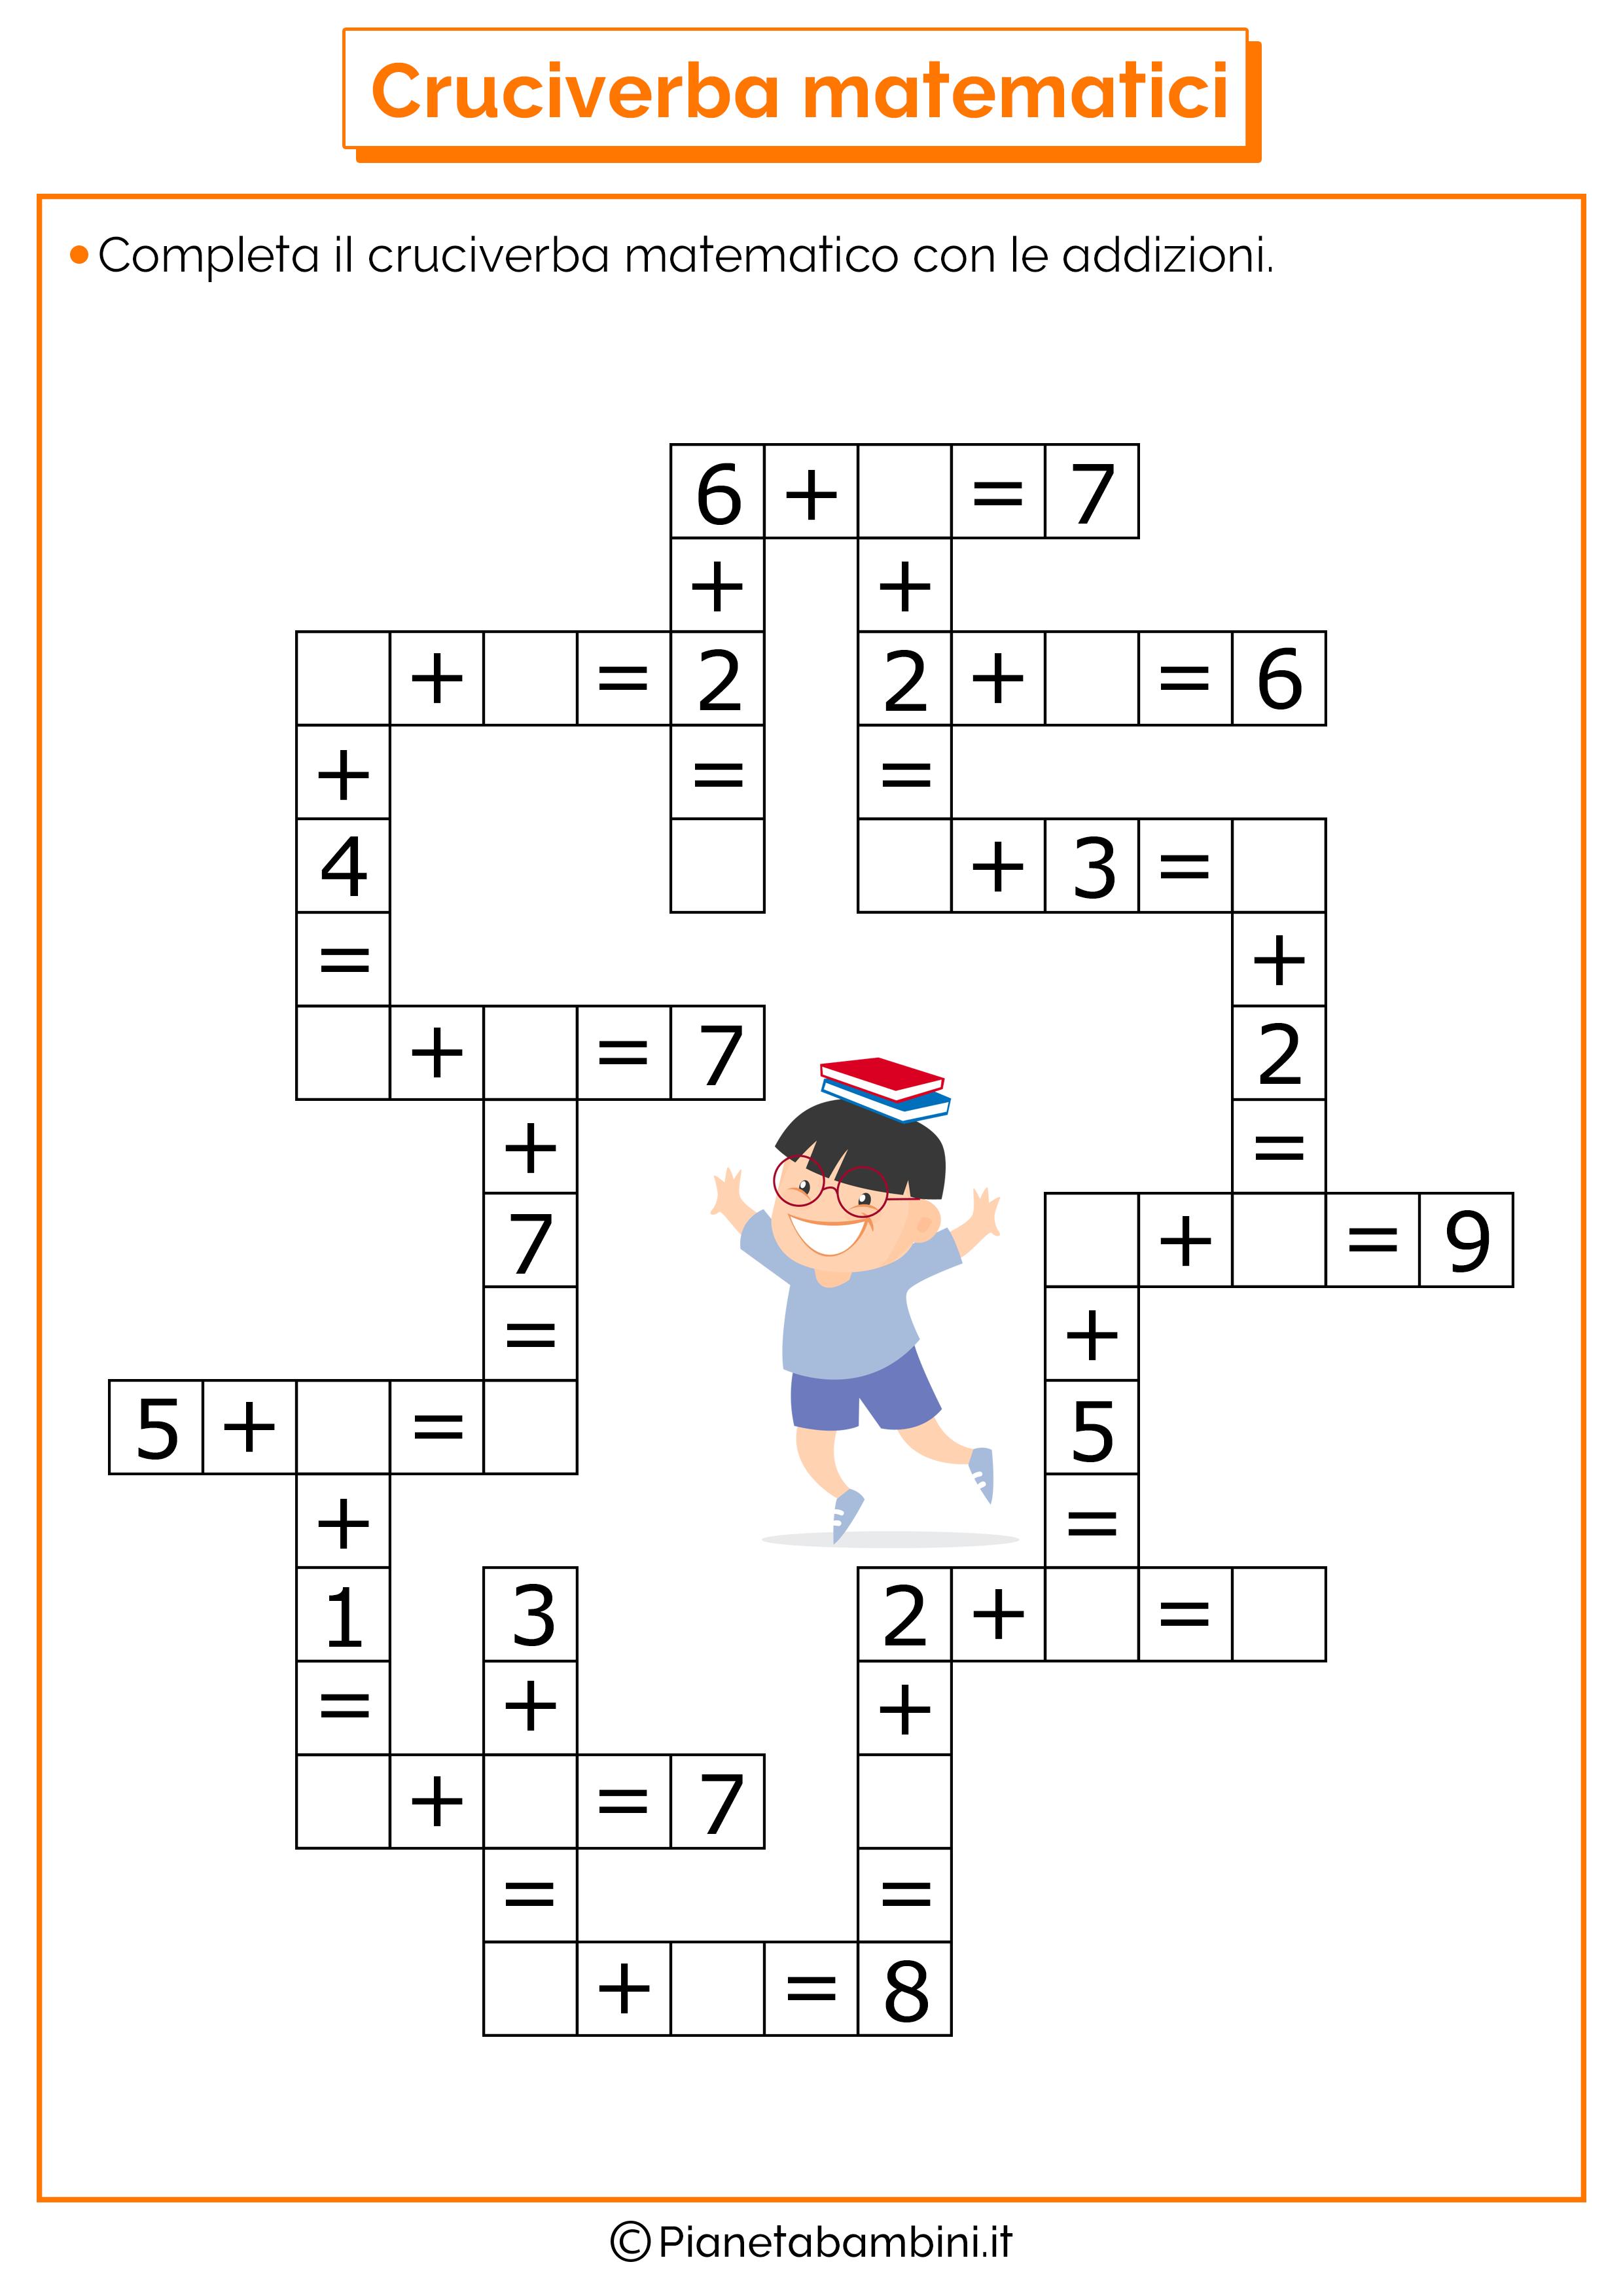 Cruciverba Matematici Con Addizioni E Sottrazioni Pianetabambiniit